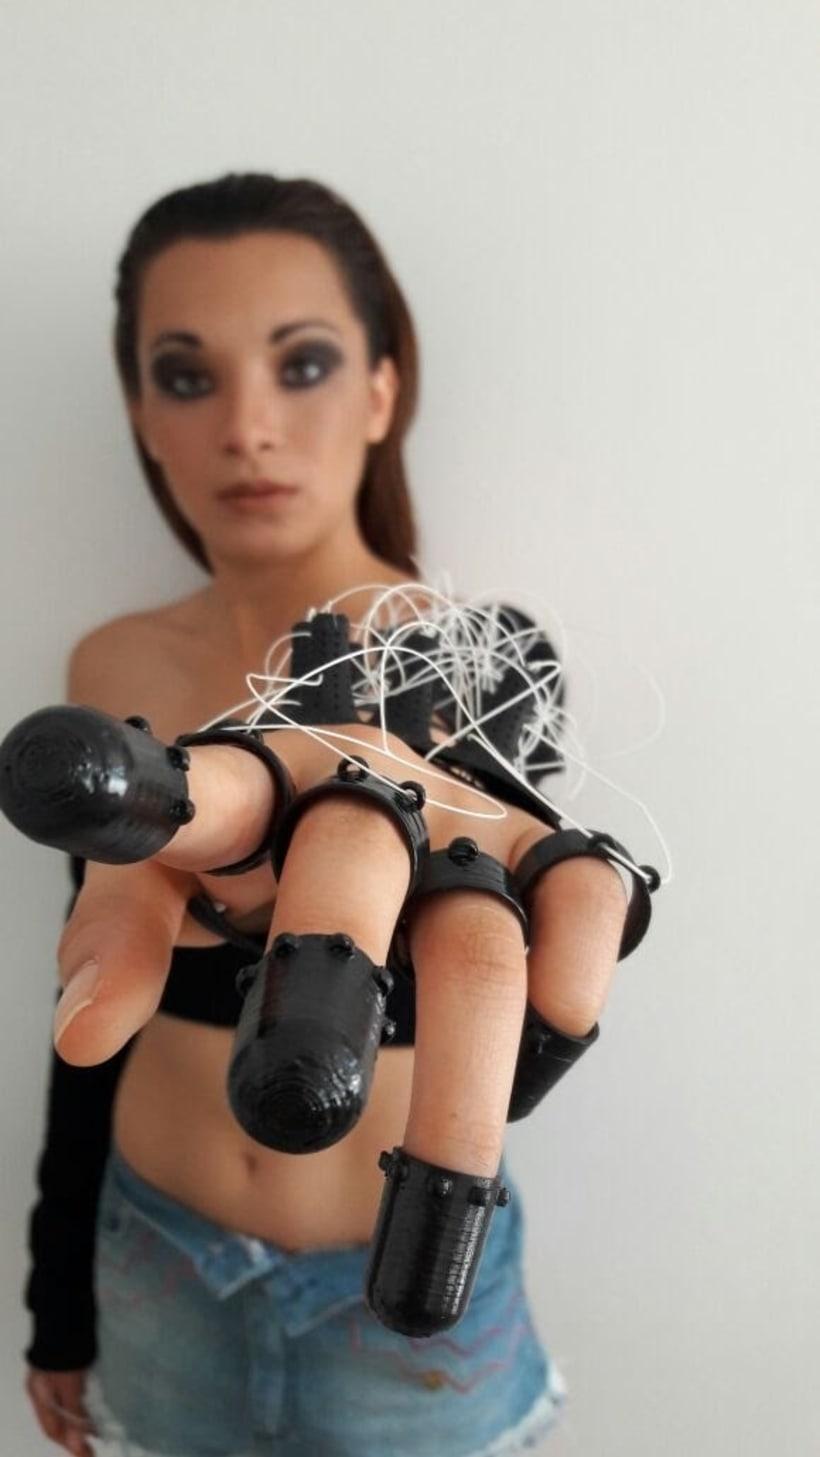 Diseño de accesorios: modelado e impresión 3D 1